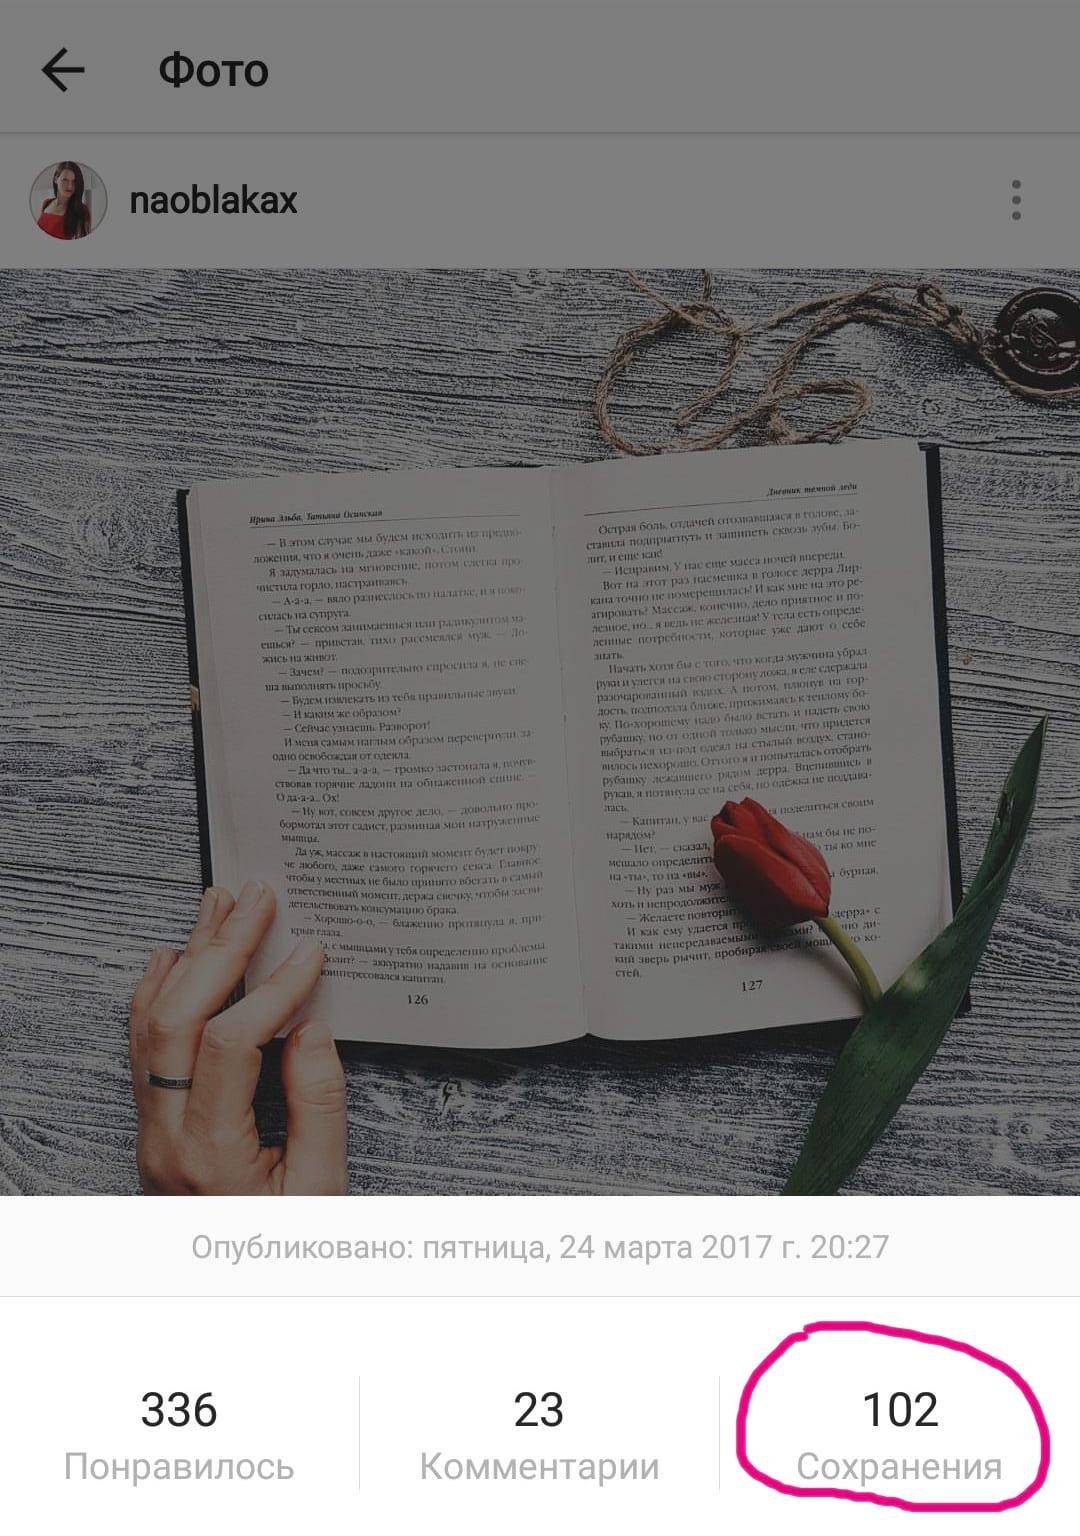 количество сохранений в Инстаграм